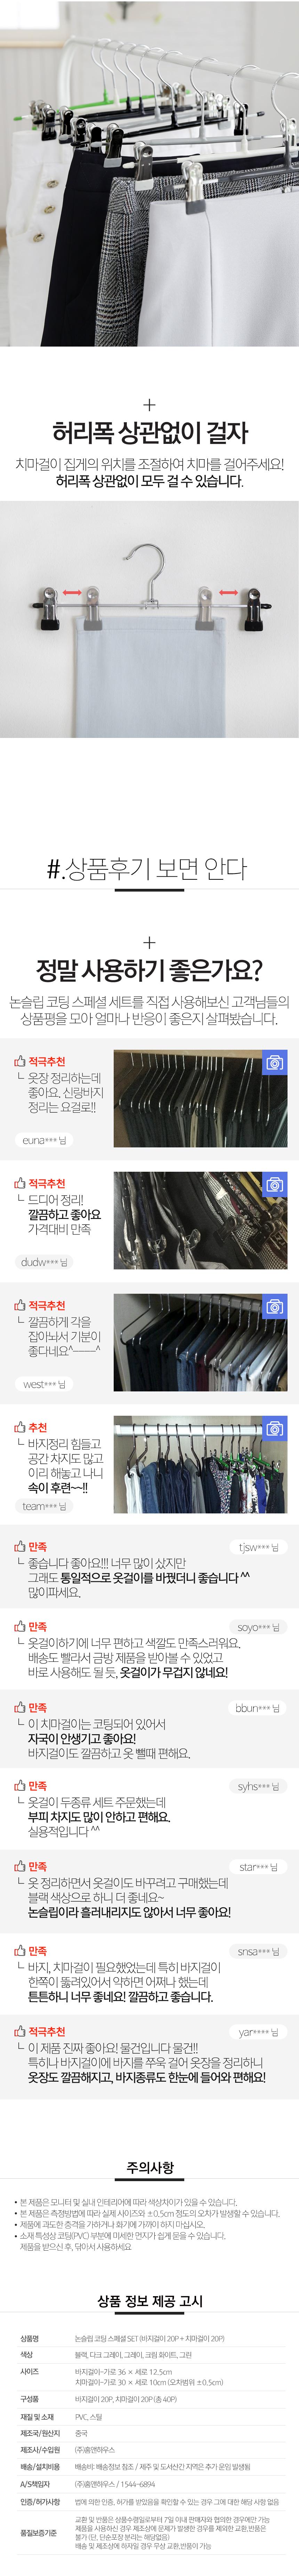 논슬립 코팅 스페셜set(바지걸이20p+치마걸이20p) - 홈앤하우스, 37,400원, 행거/드레스룸/옷걸이, 바지걸이